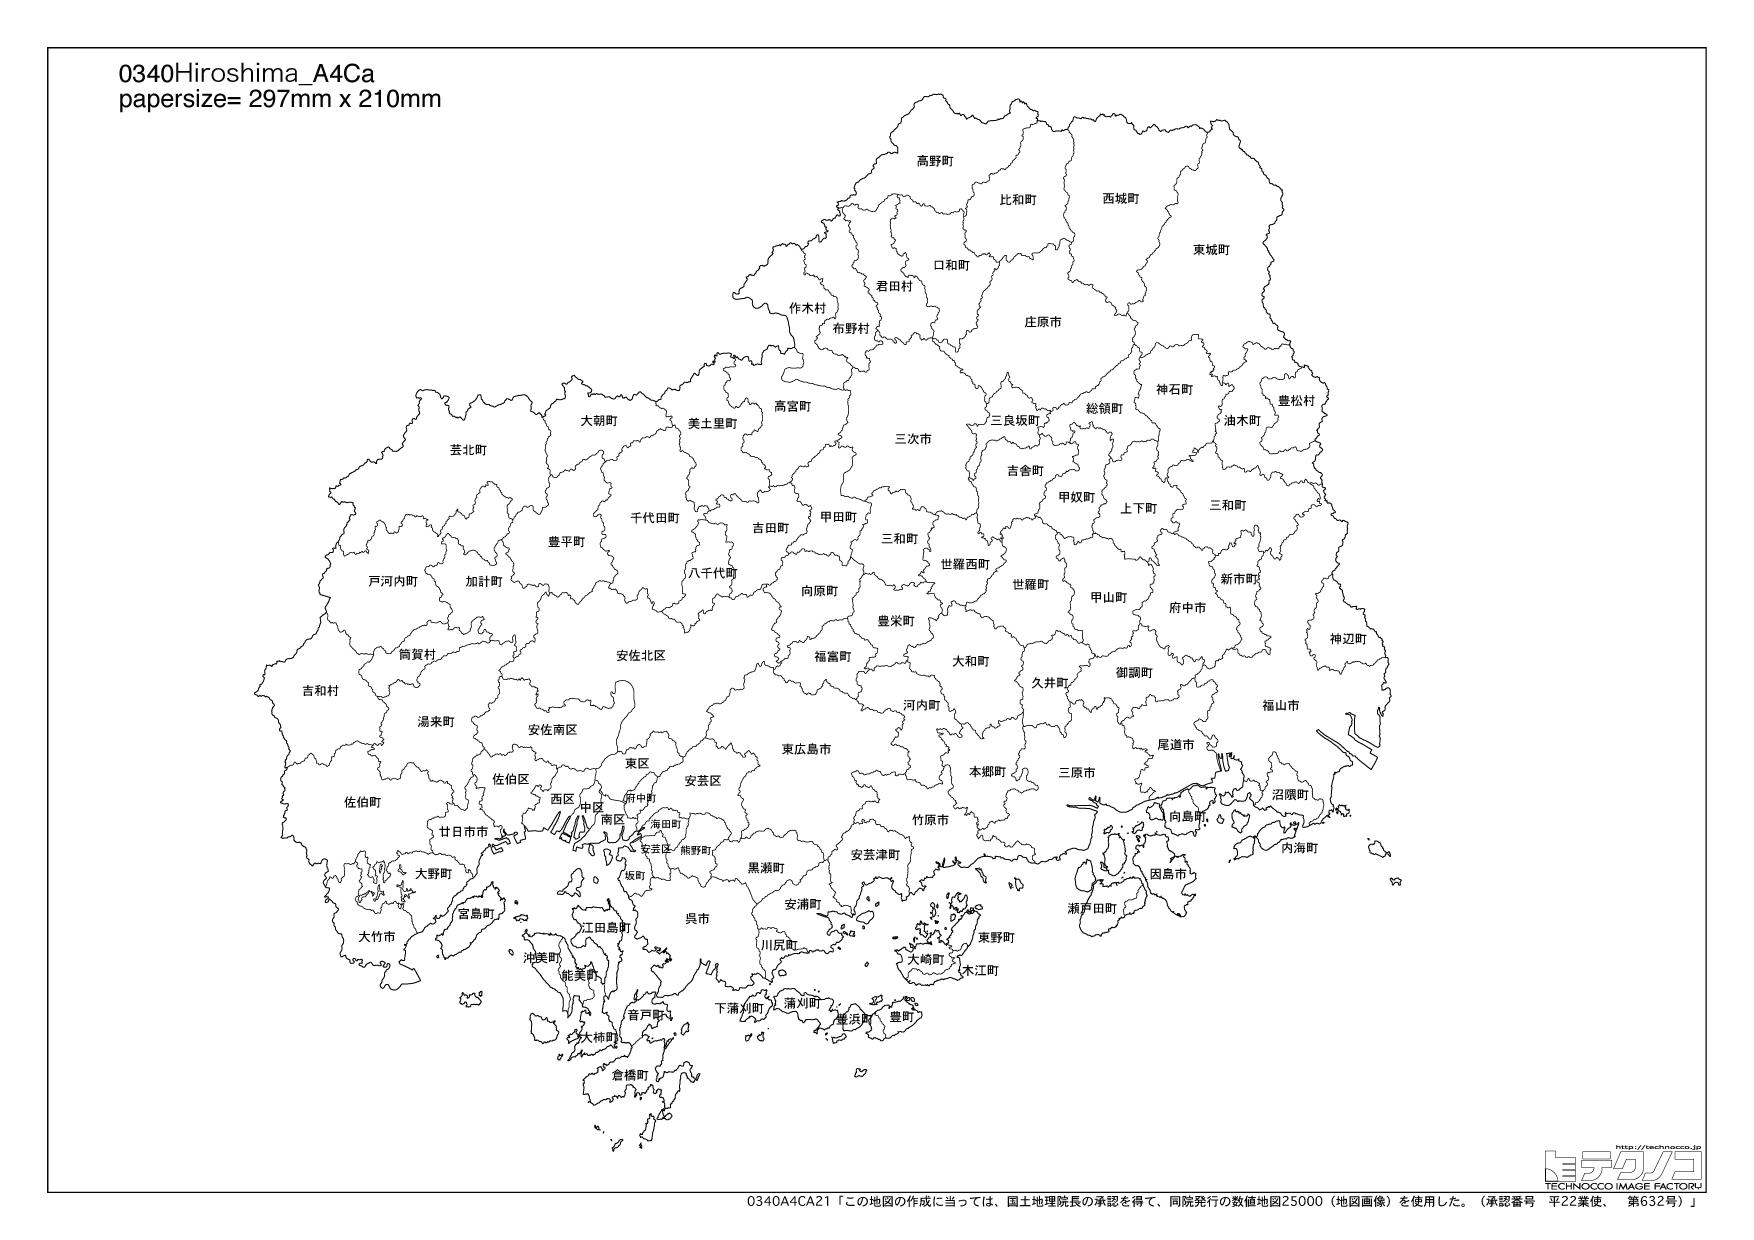 無料 白地図 無料 : ... 白地図,無料 : 広島県 白地図集